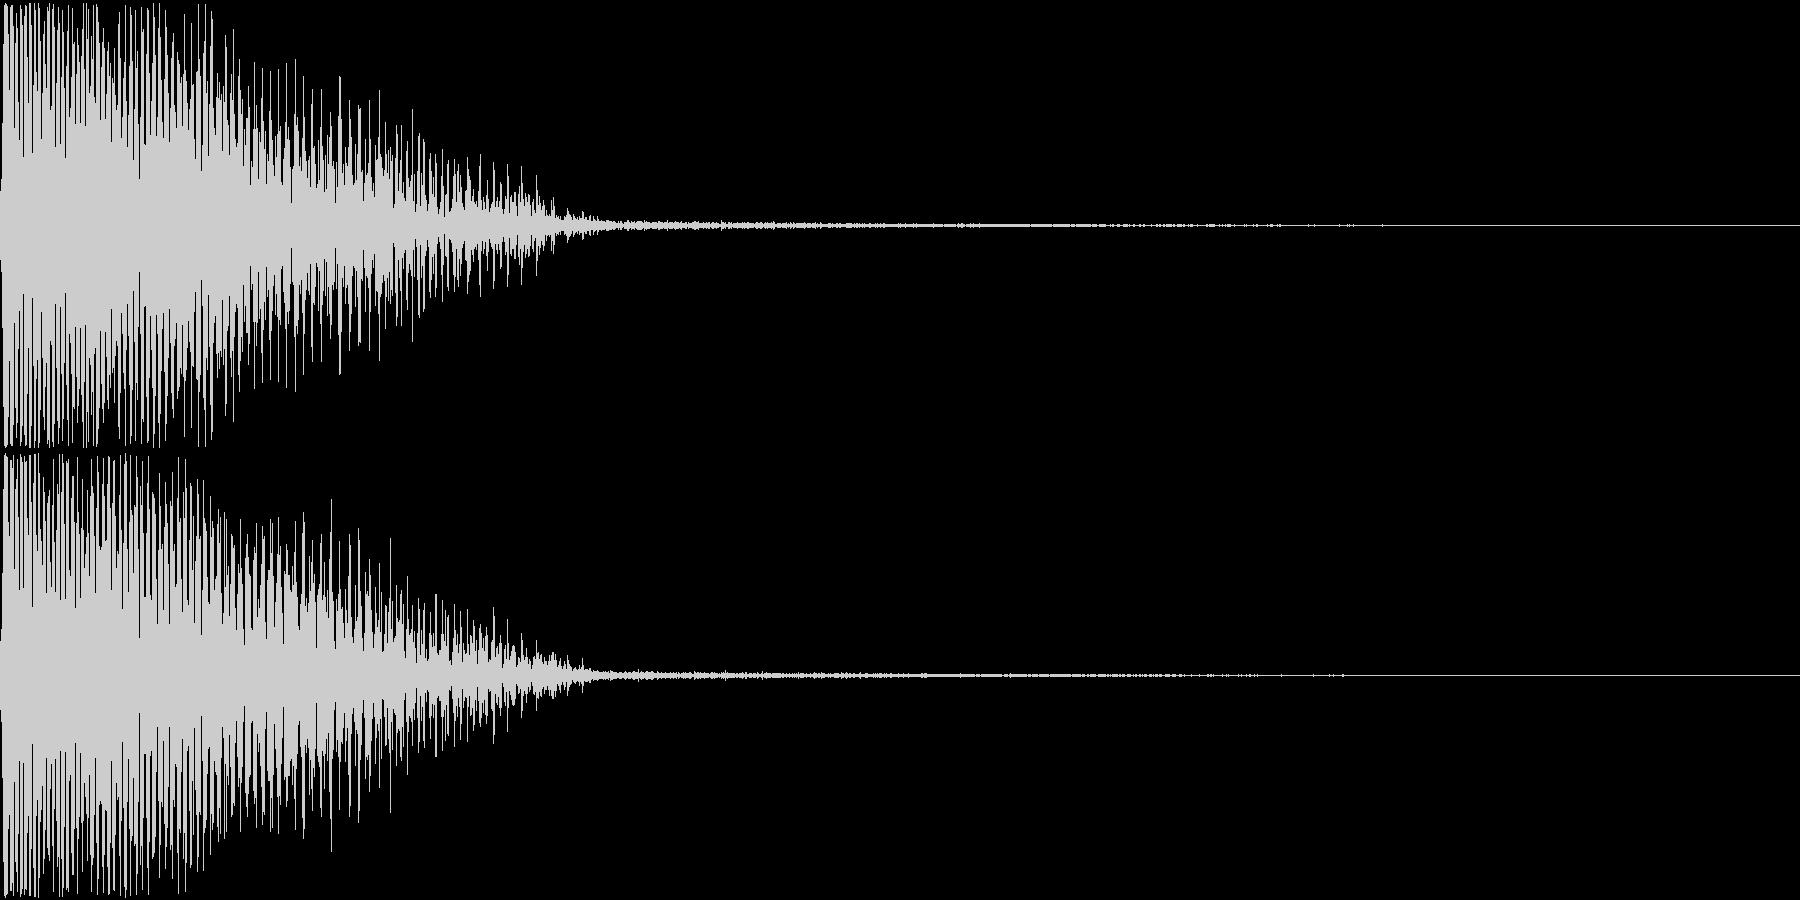 InvaderBuzz 発砲音 20の未再生の波形